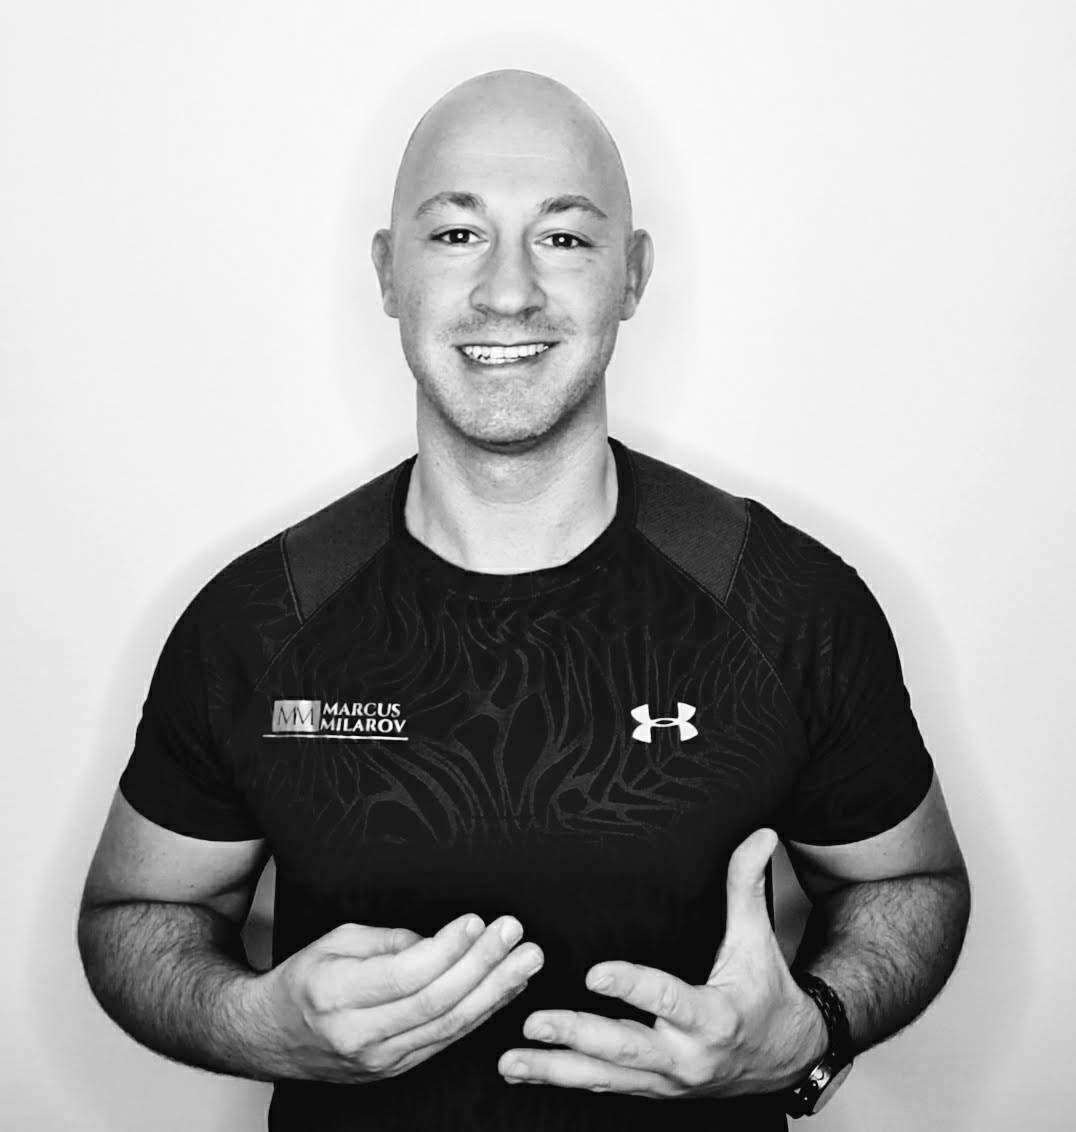 Marcus Milarov - Experte für Gewichtsreduktion Personal Trainer Berlin